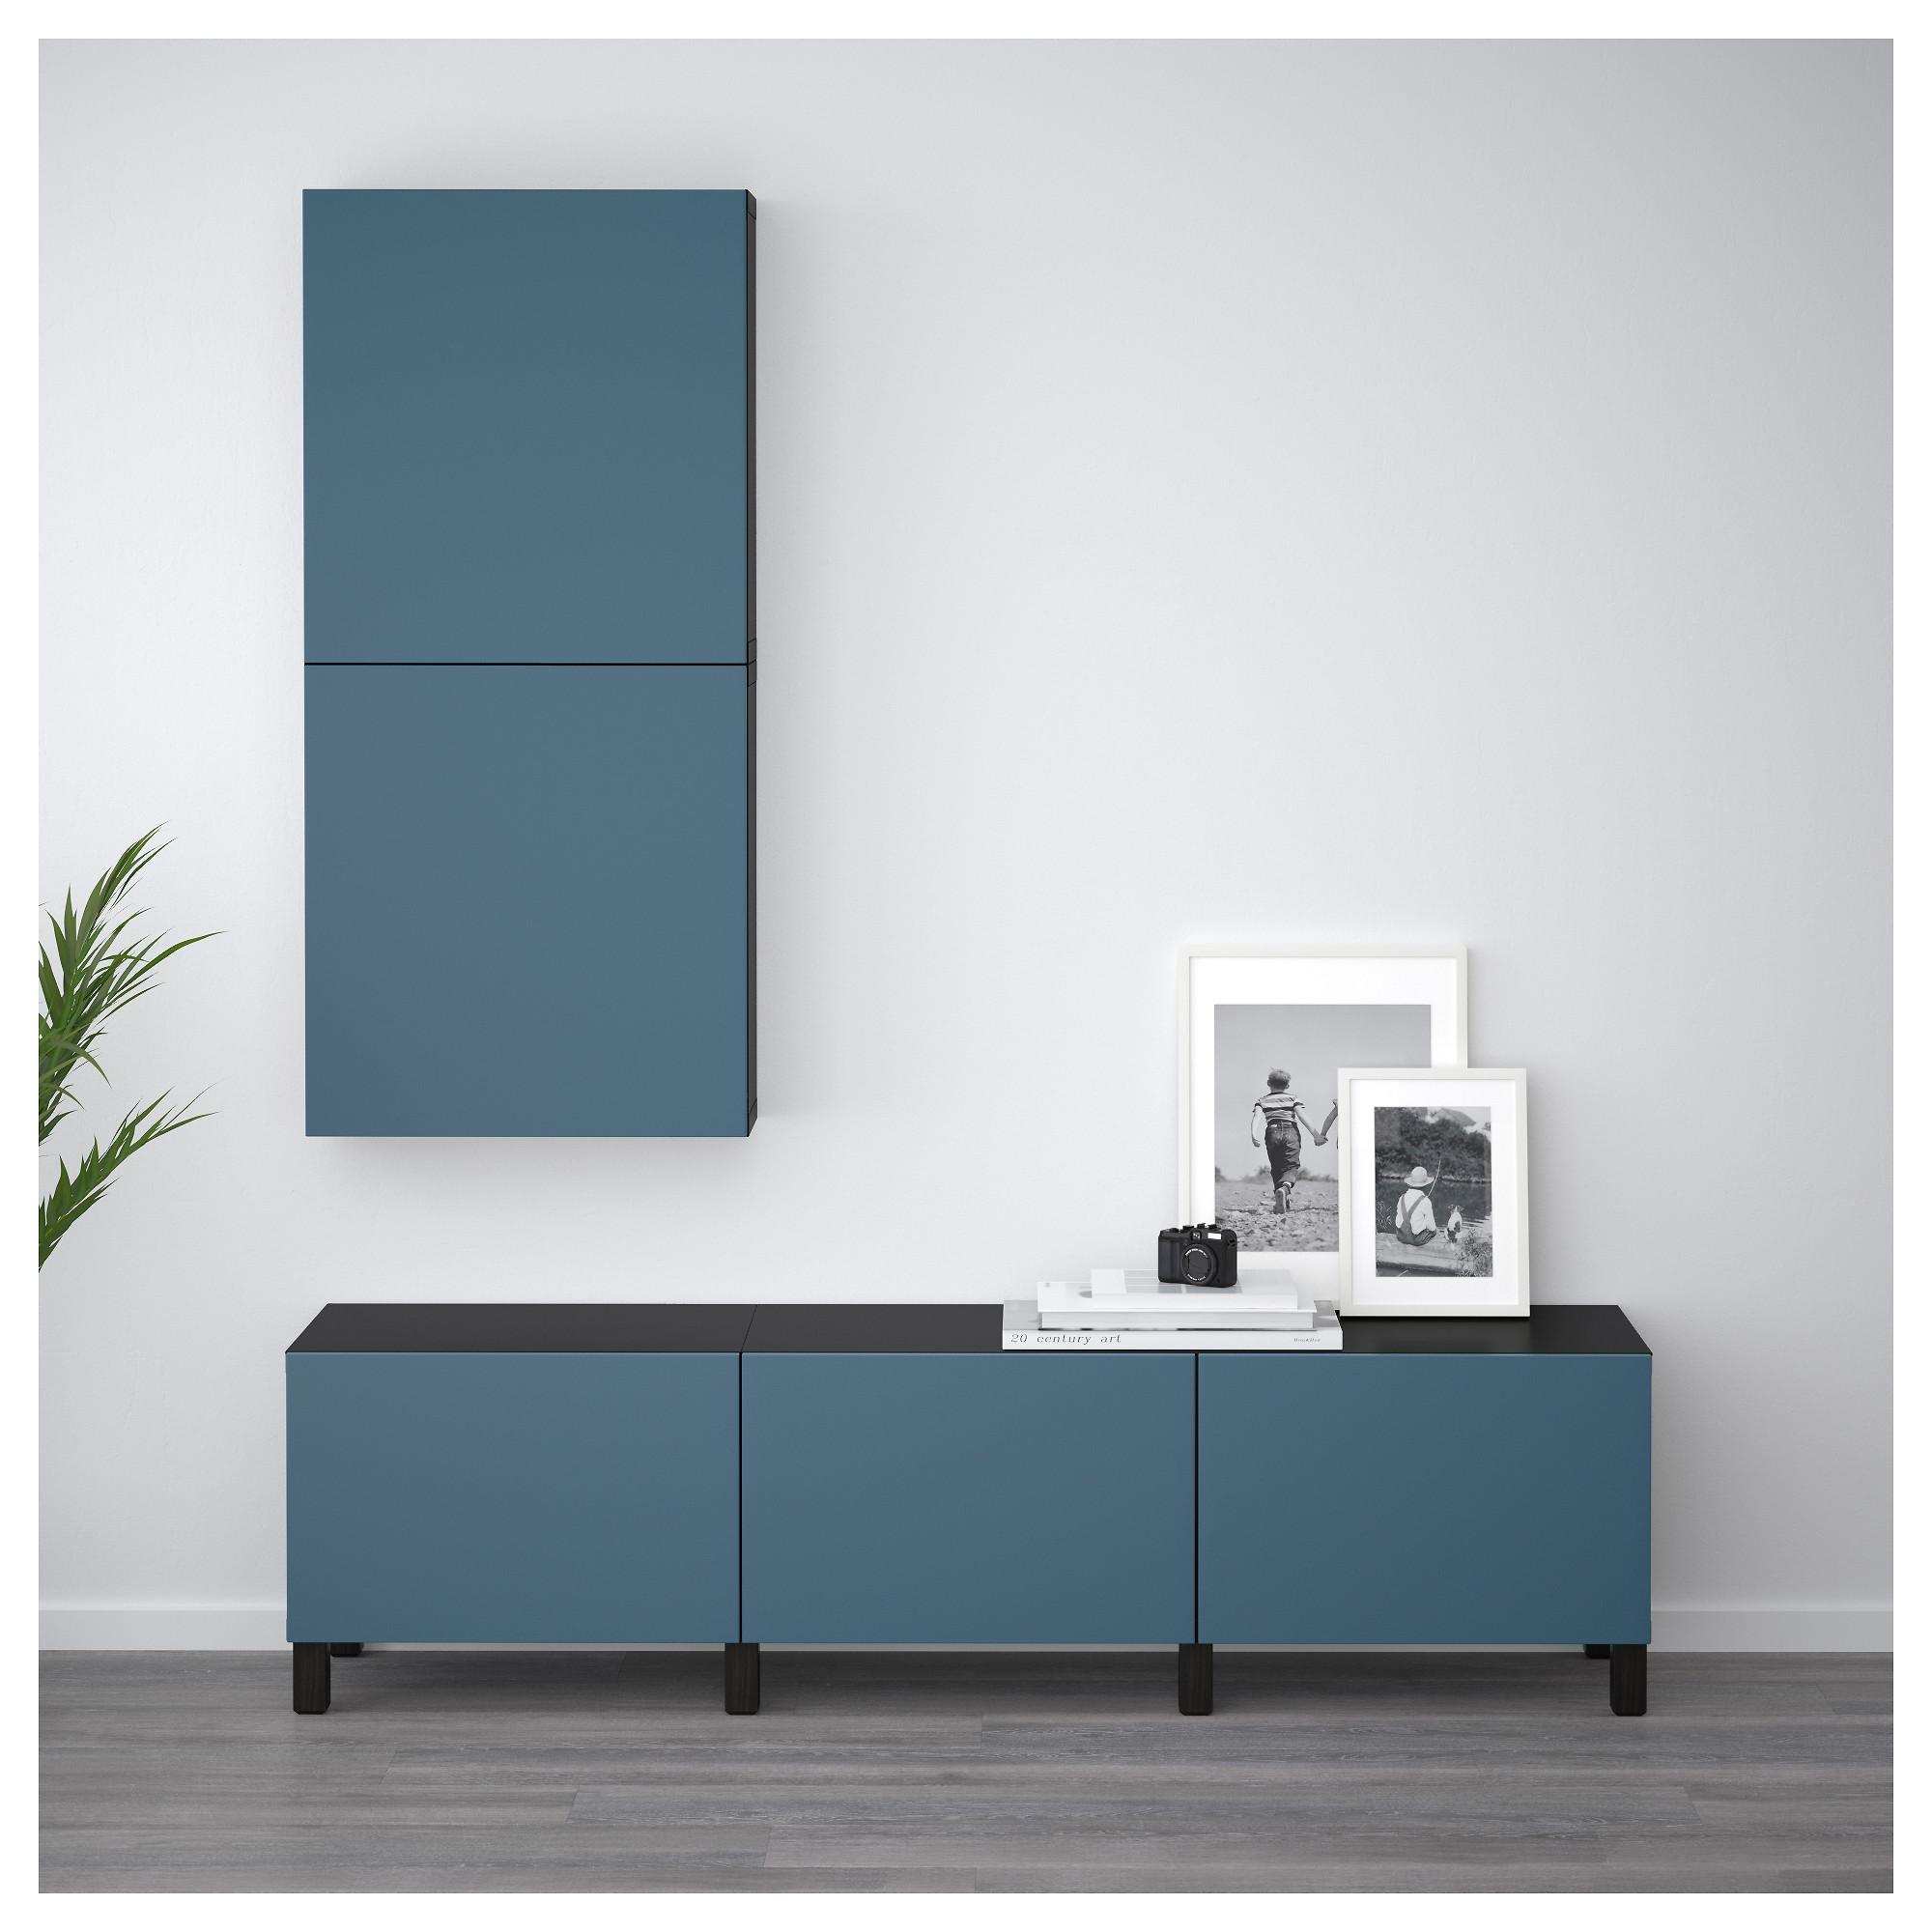 Навесной шкаф с 2 дверями БЕСТО темно-синий артикуль № 792.482.63 в наличии. Online сайт IKEA Минск. Недорогая доставка и монтаж.